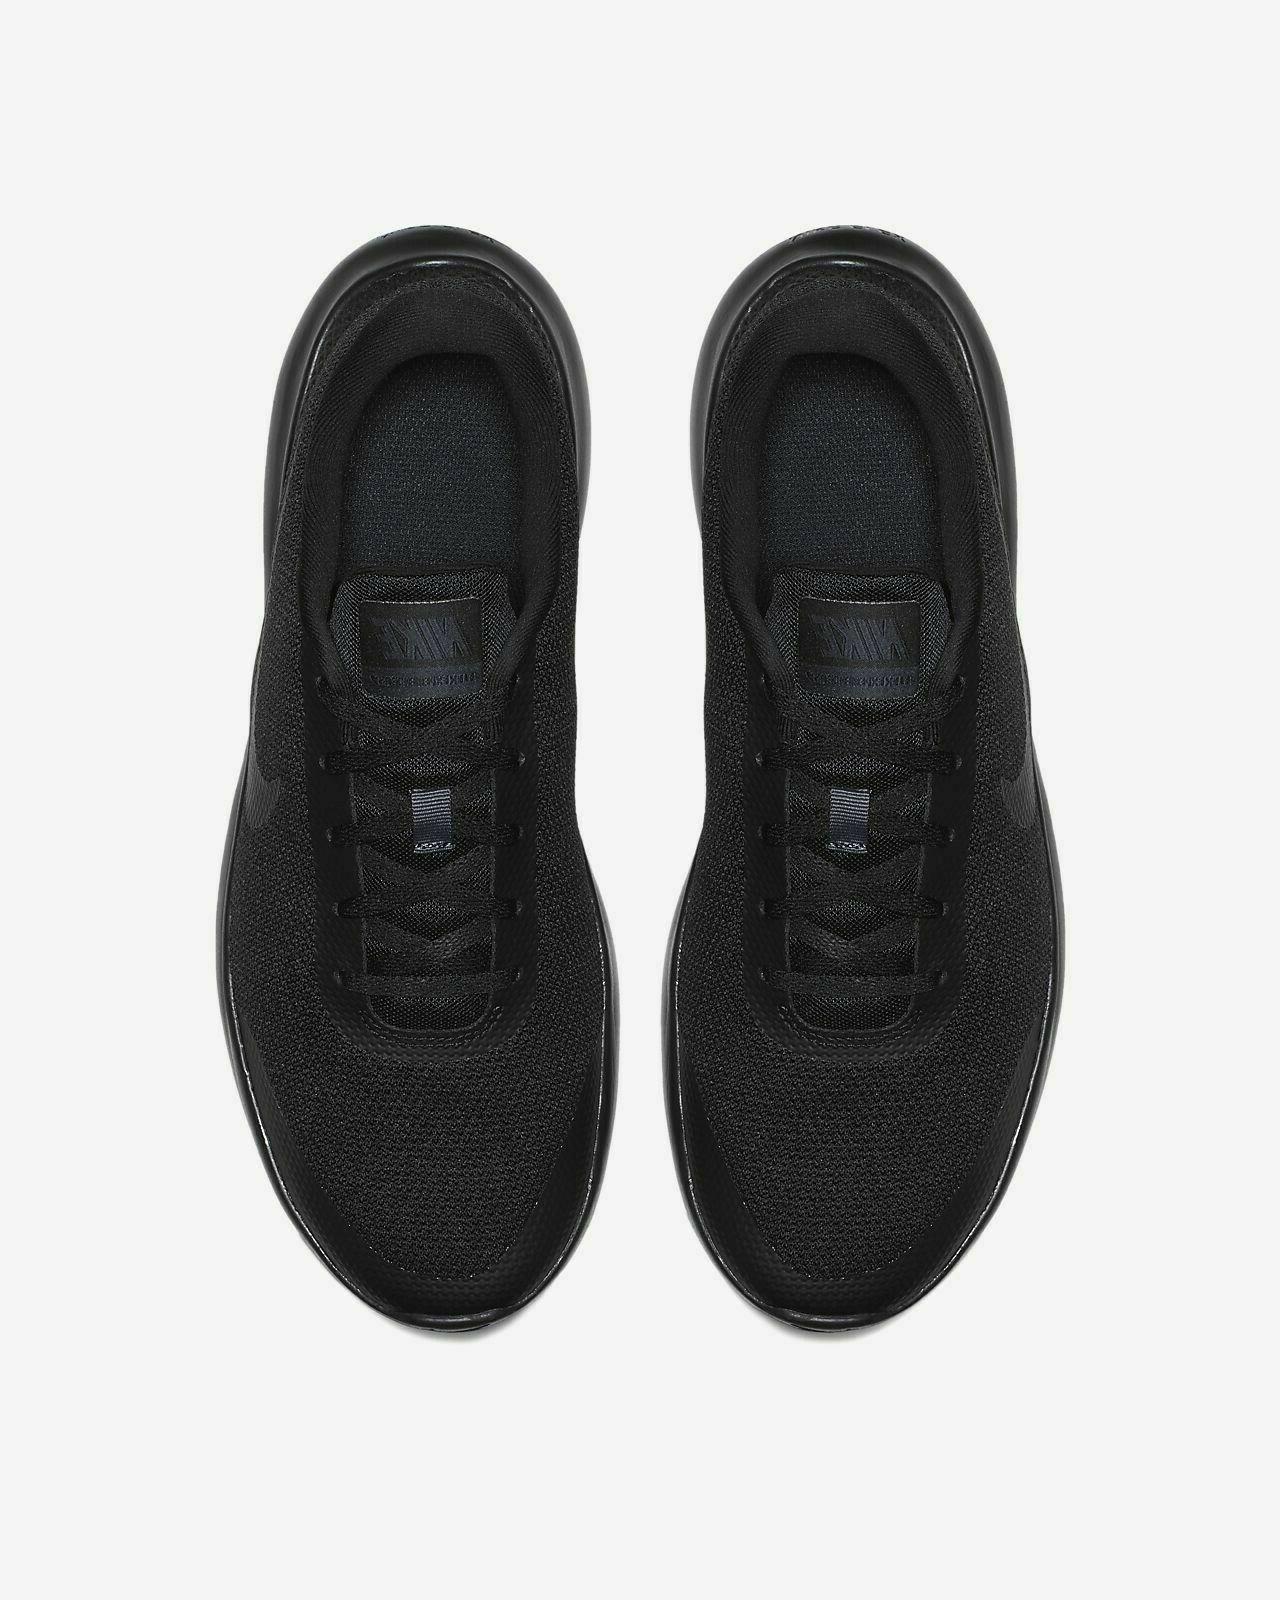 Nike Experience 7 908985 002 Black NIB